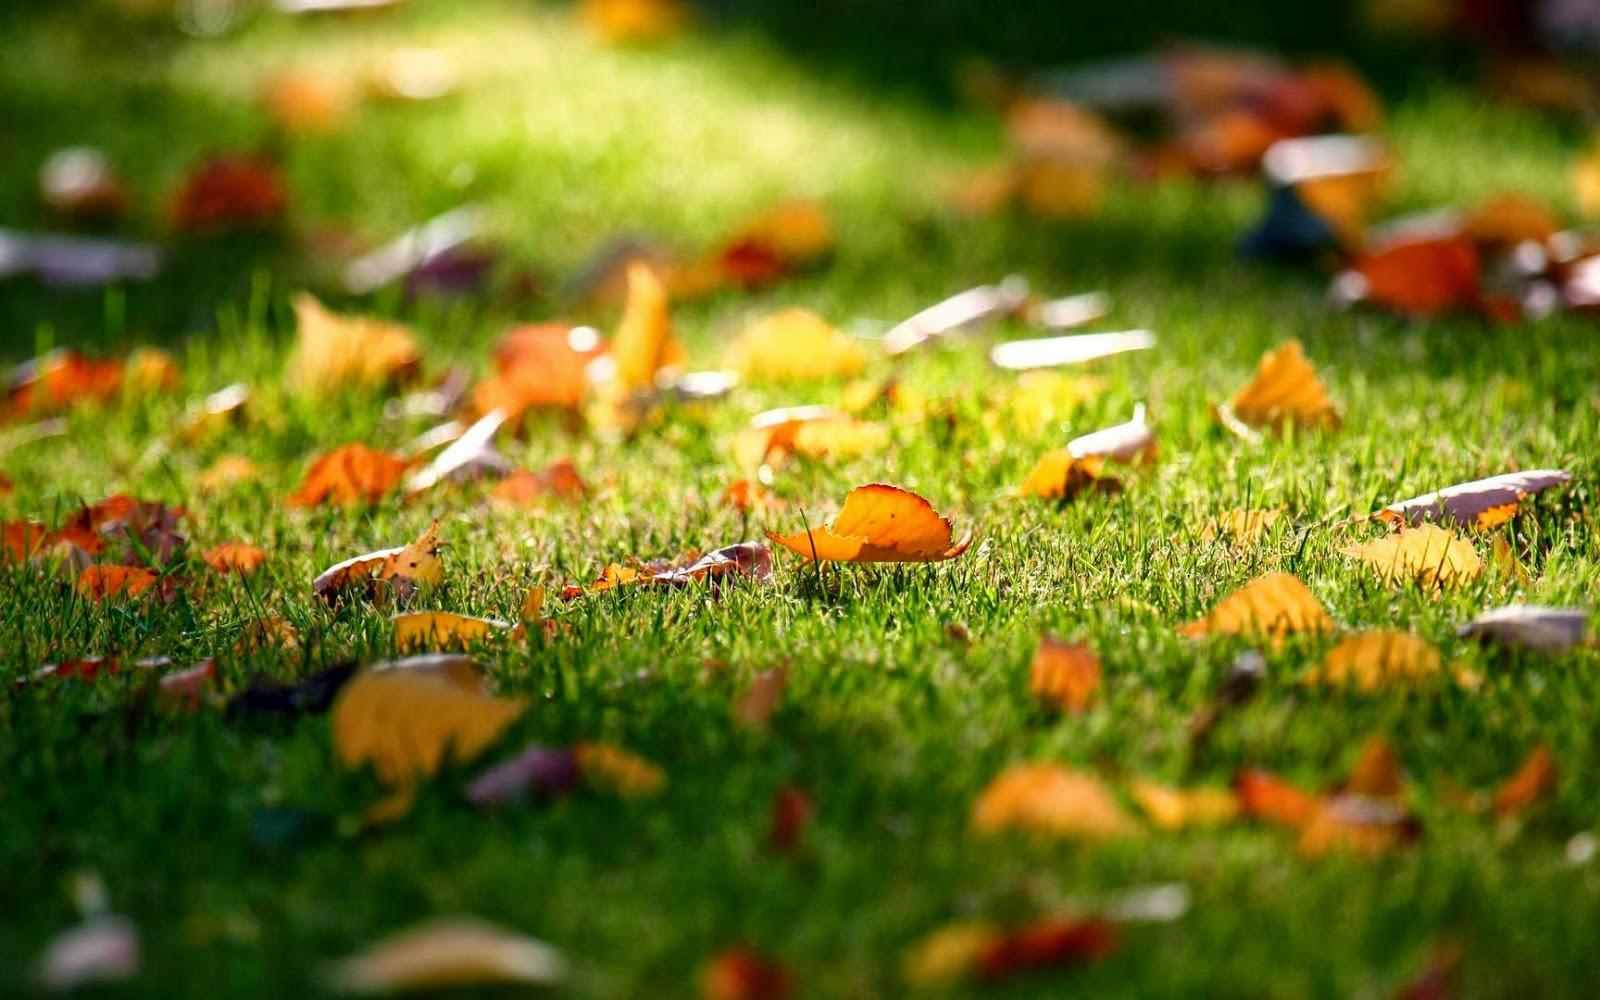 Falling-Leaves-Wallpaper-525436.jpg